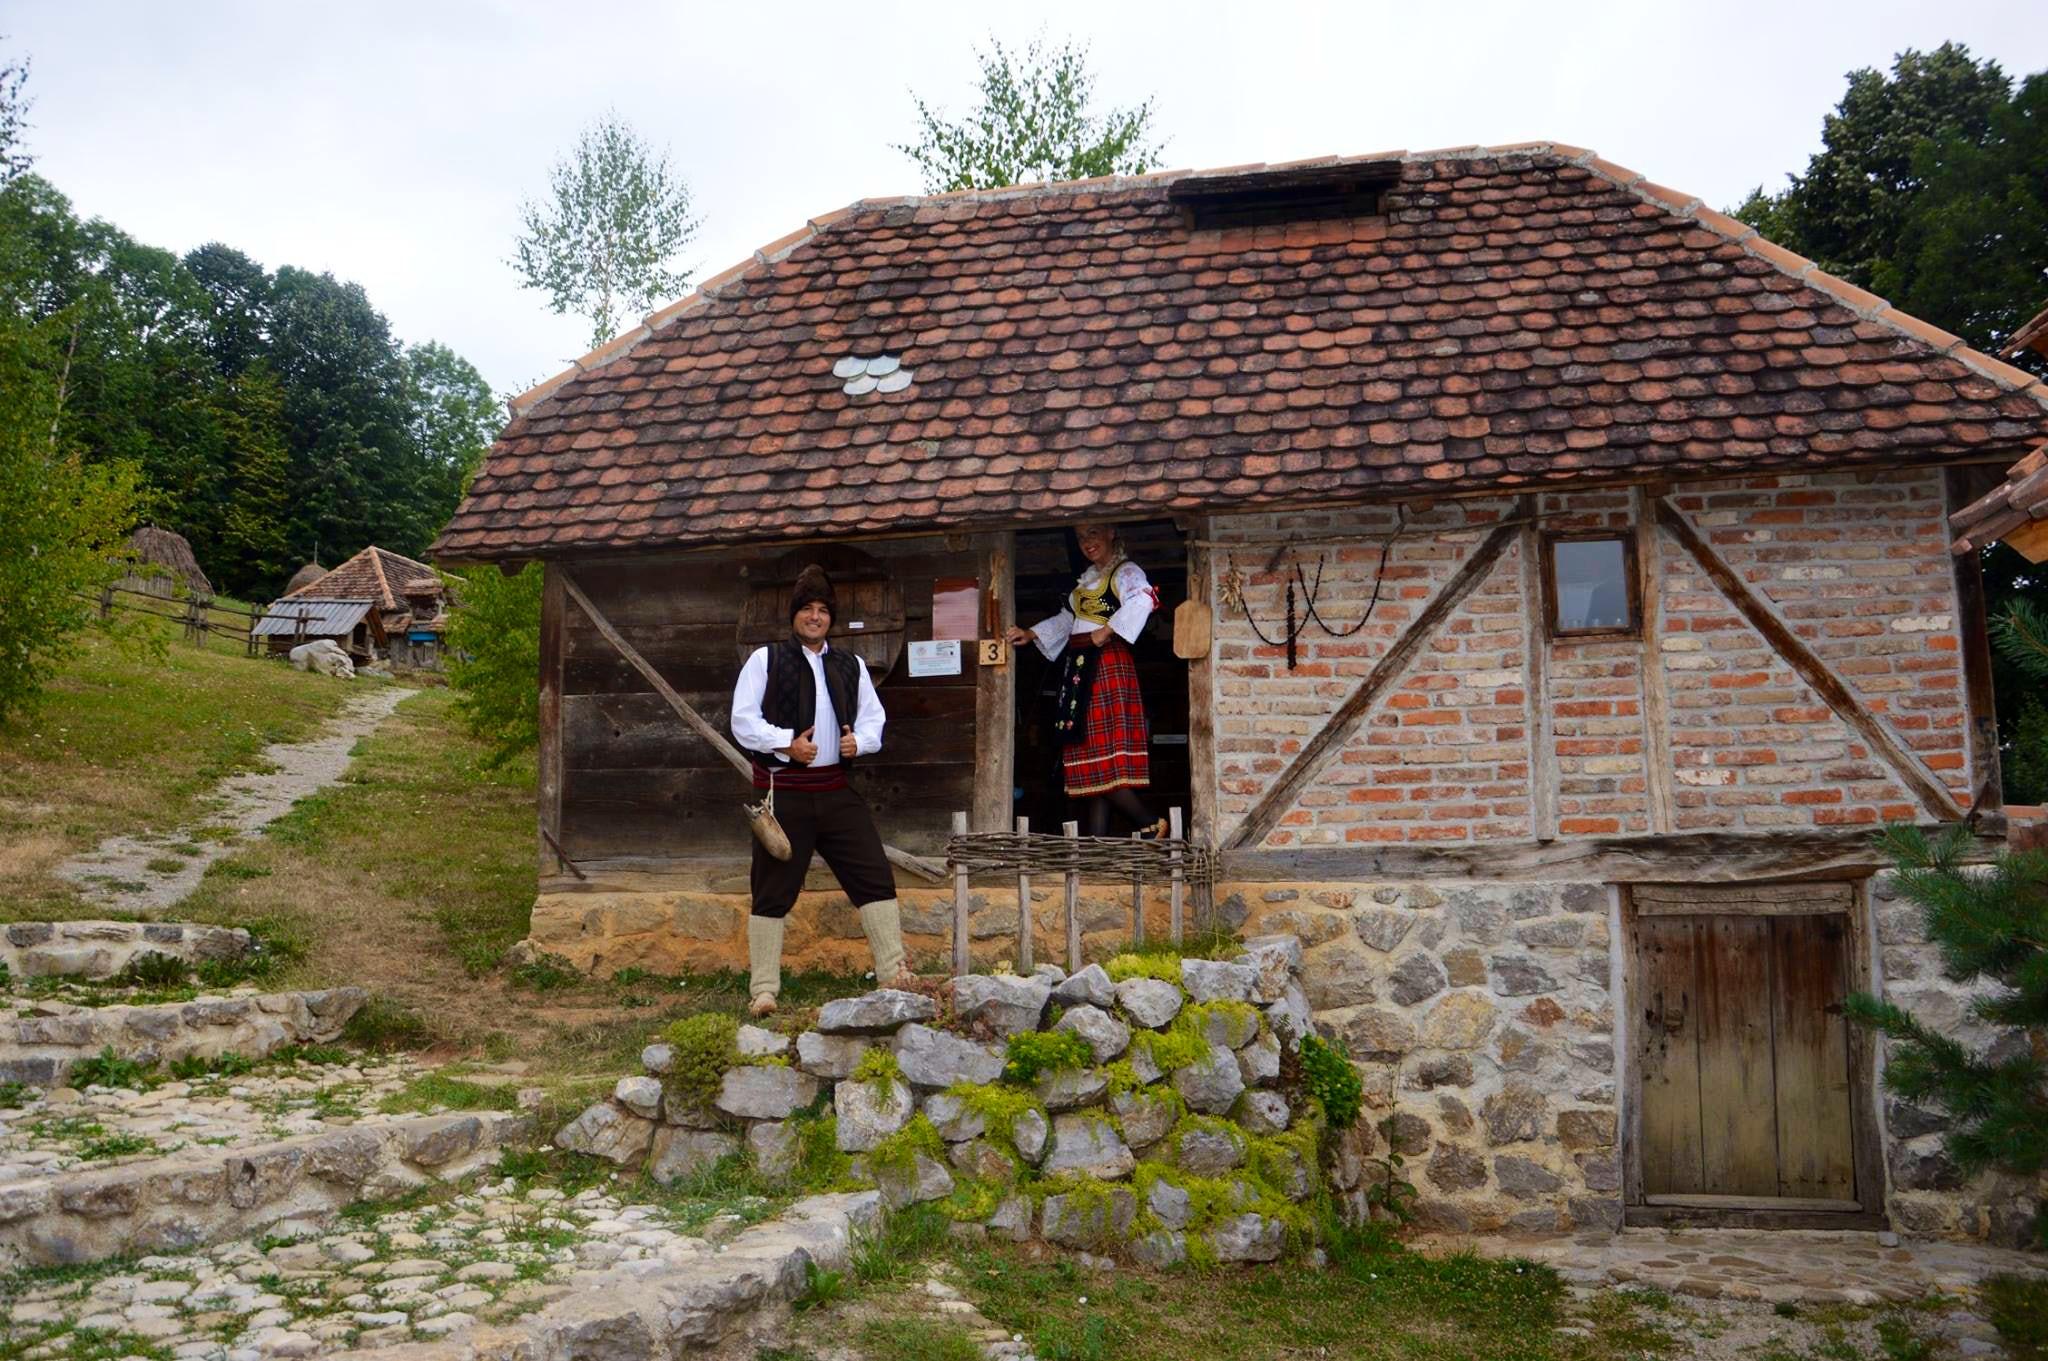 A sneak peek into ethno village Ljubačke Doline